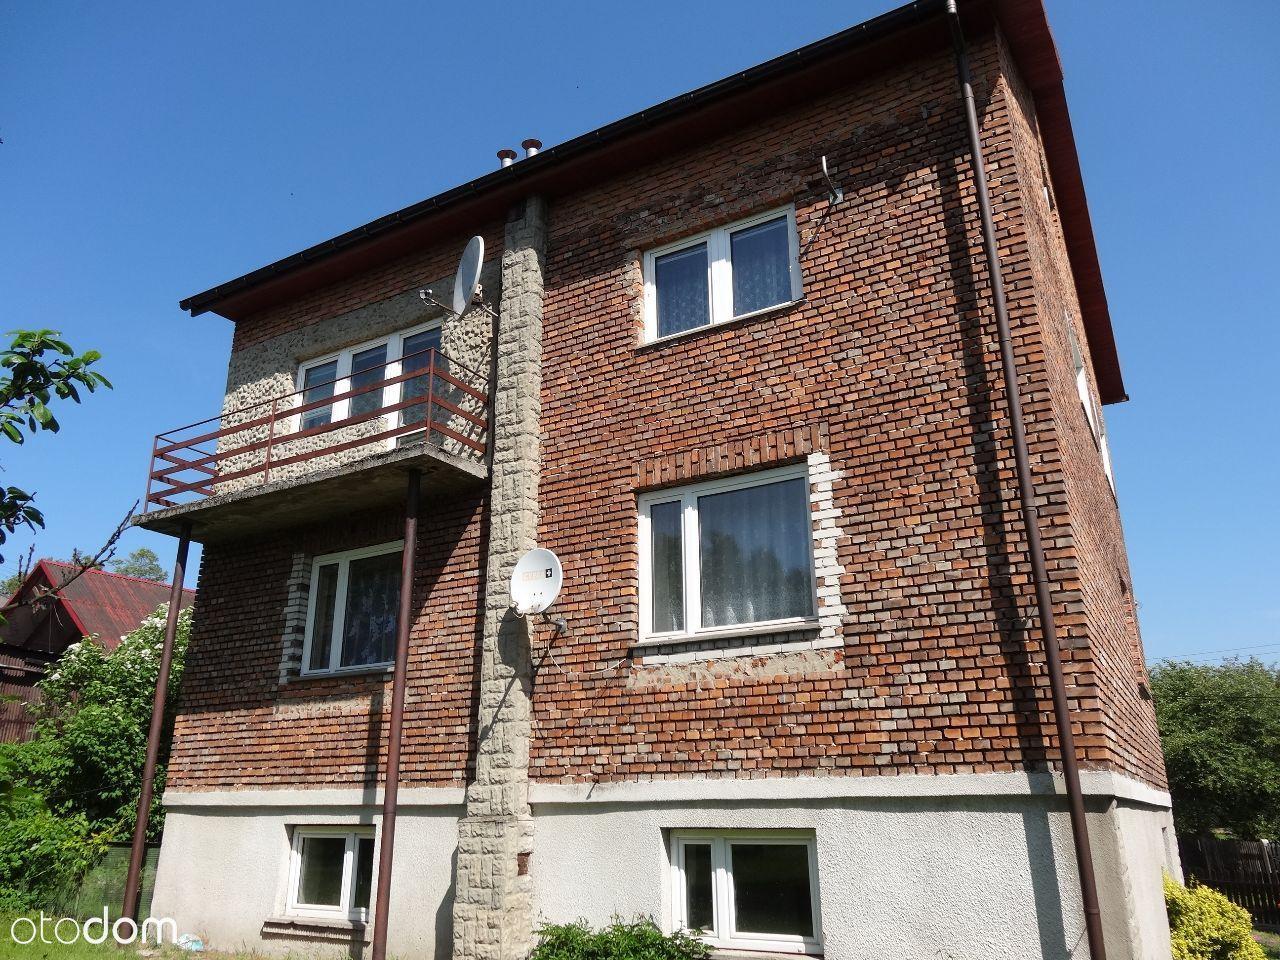 Dom na sprzedaż, Karniowice, krakowski, małopolskie - Foto 1